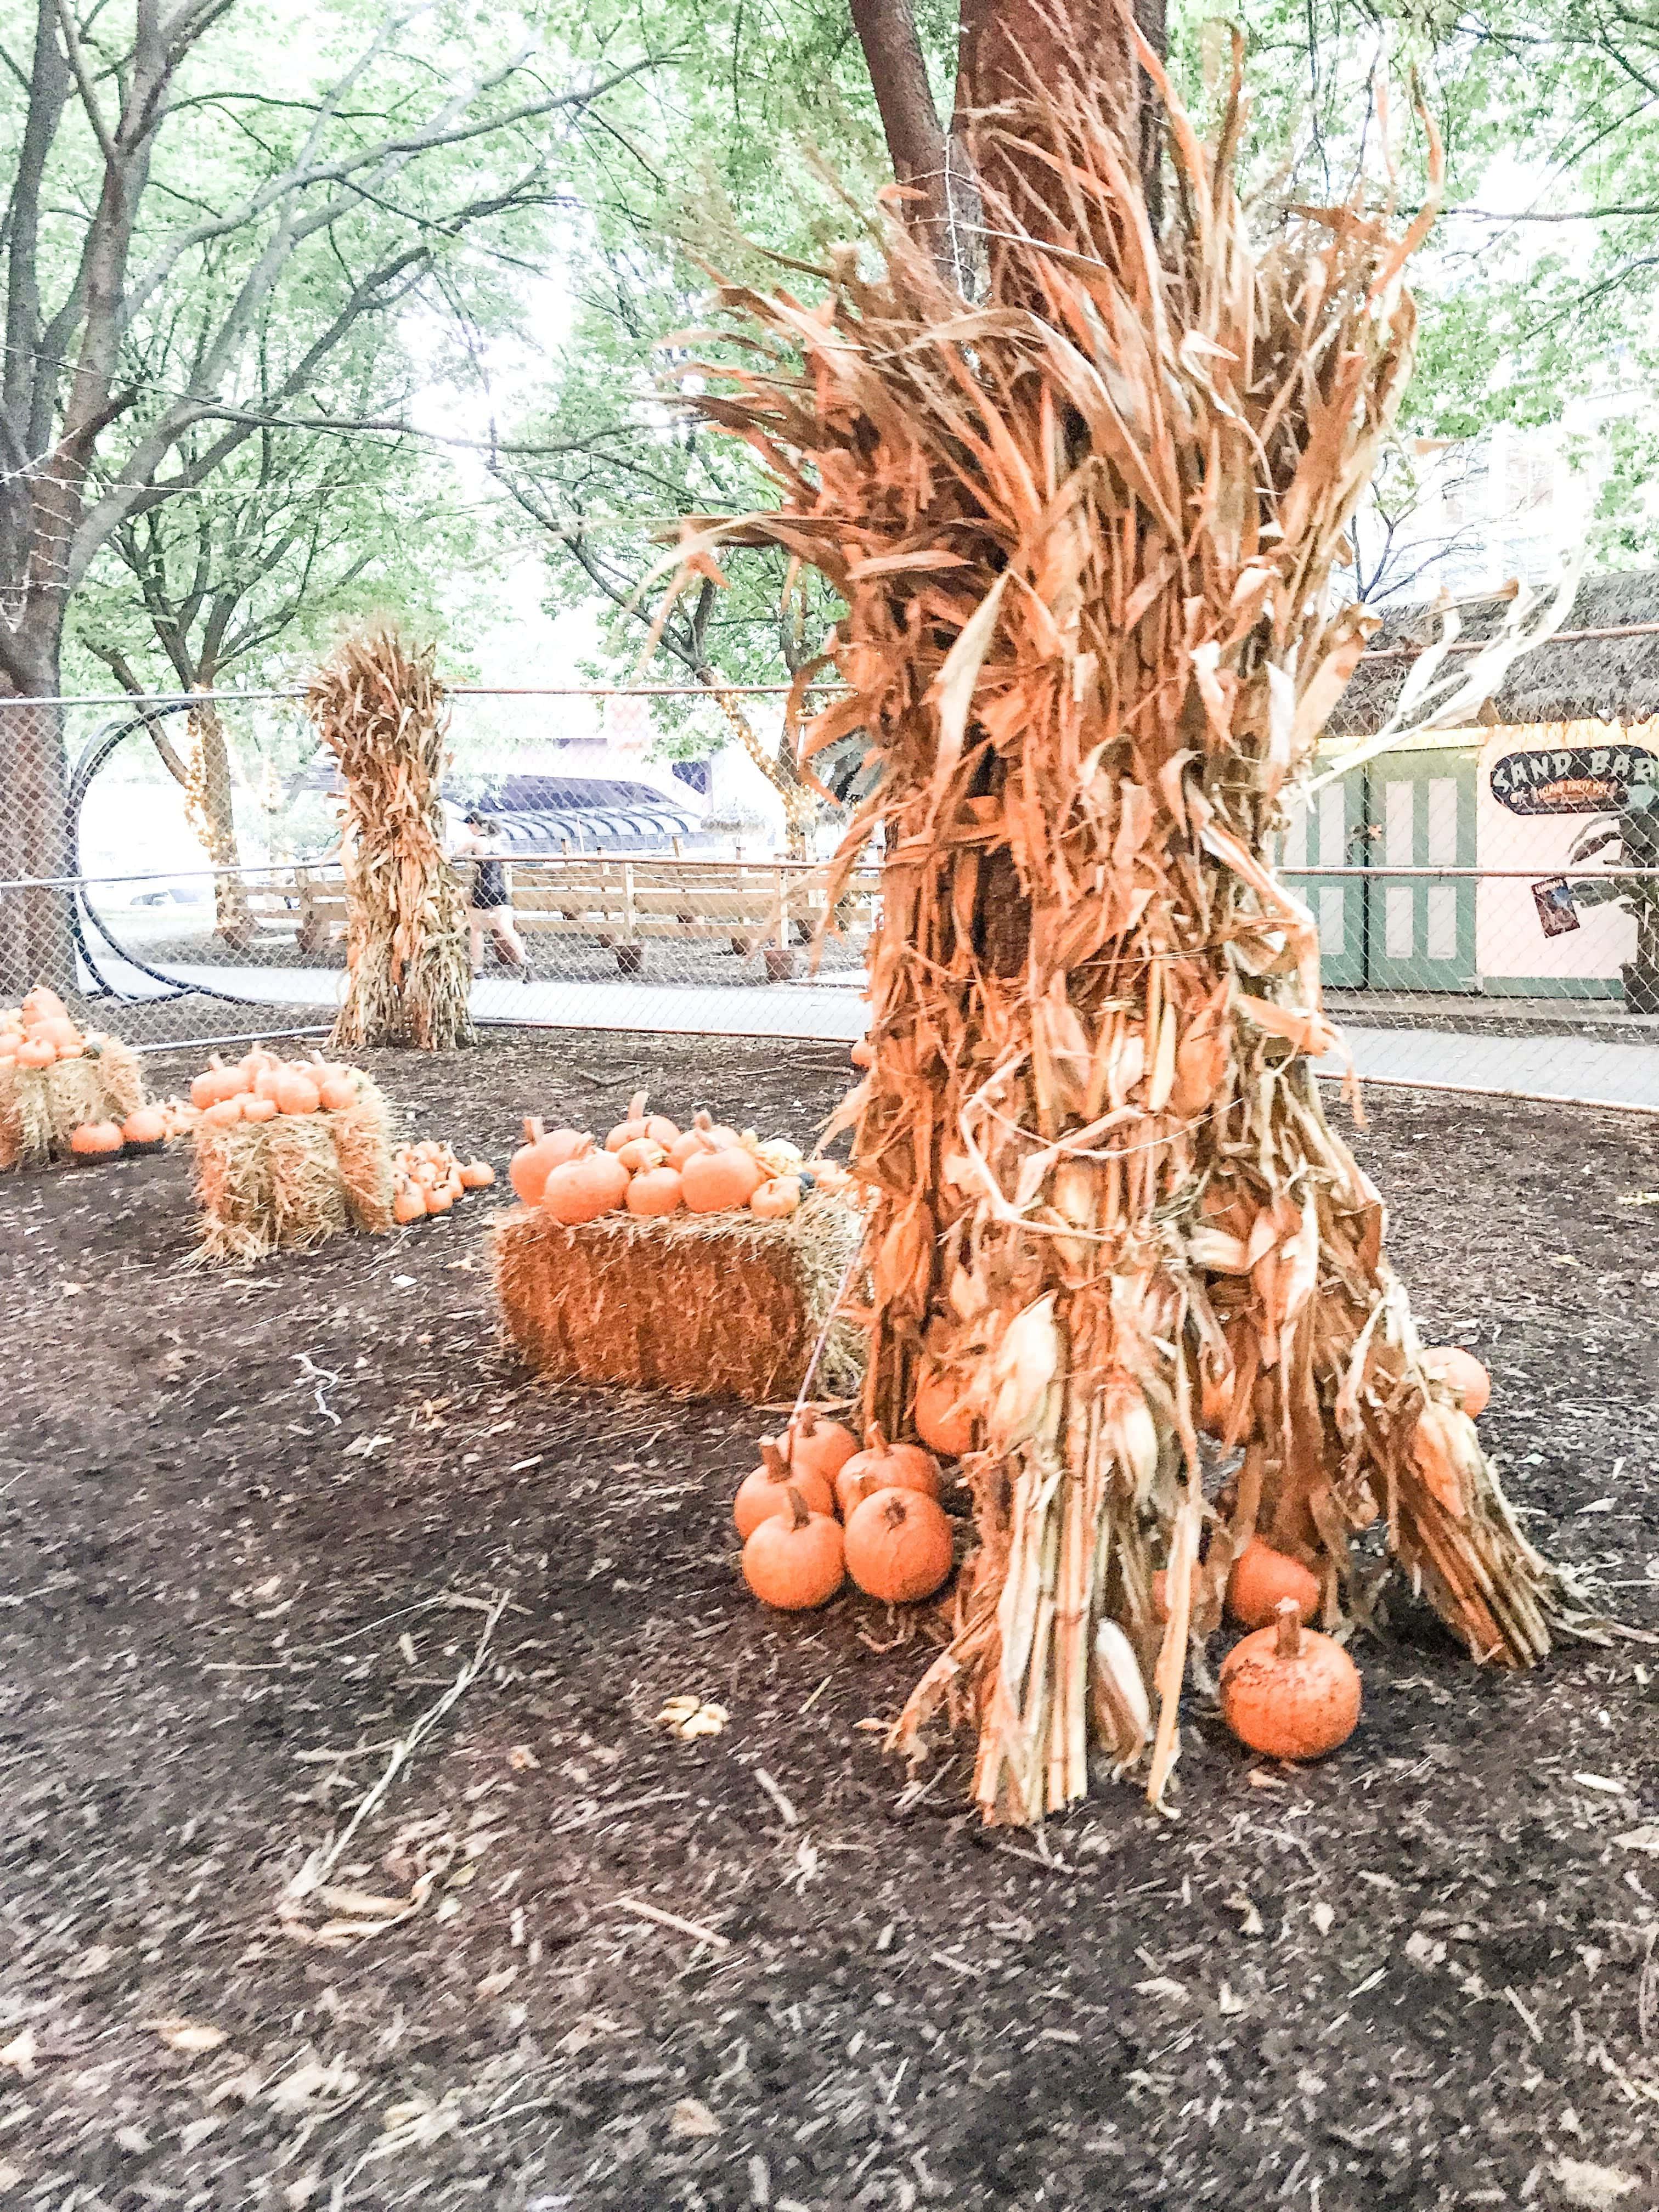 Chicago Halloween   It's Megan Blog   #halloween #chicago #chicagohalloween #halloween2018 #fall